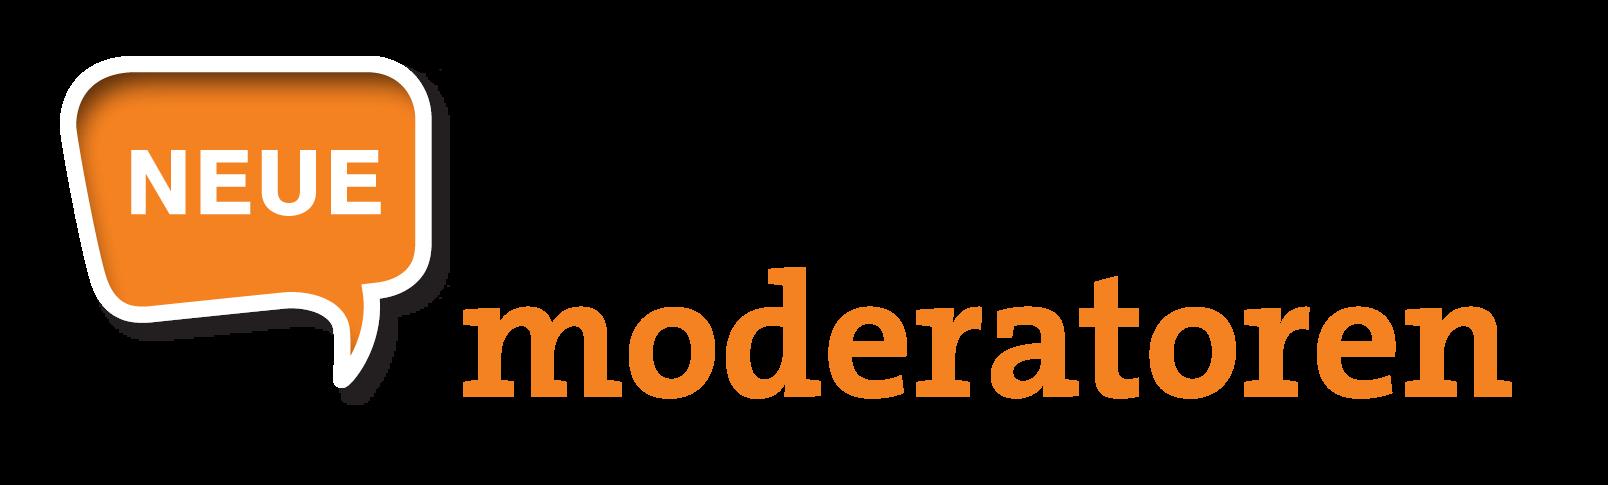 headset agenetur neue moderatoren